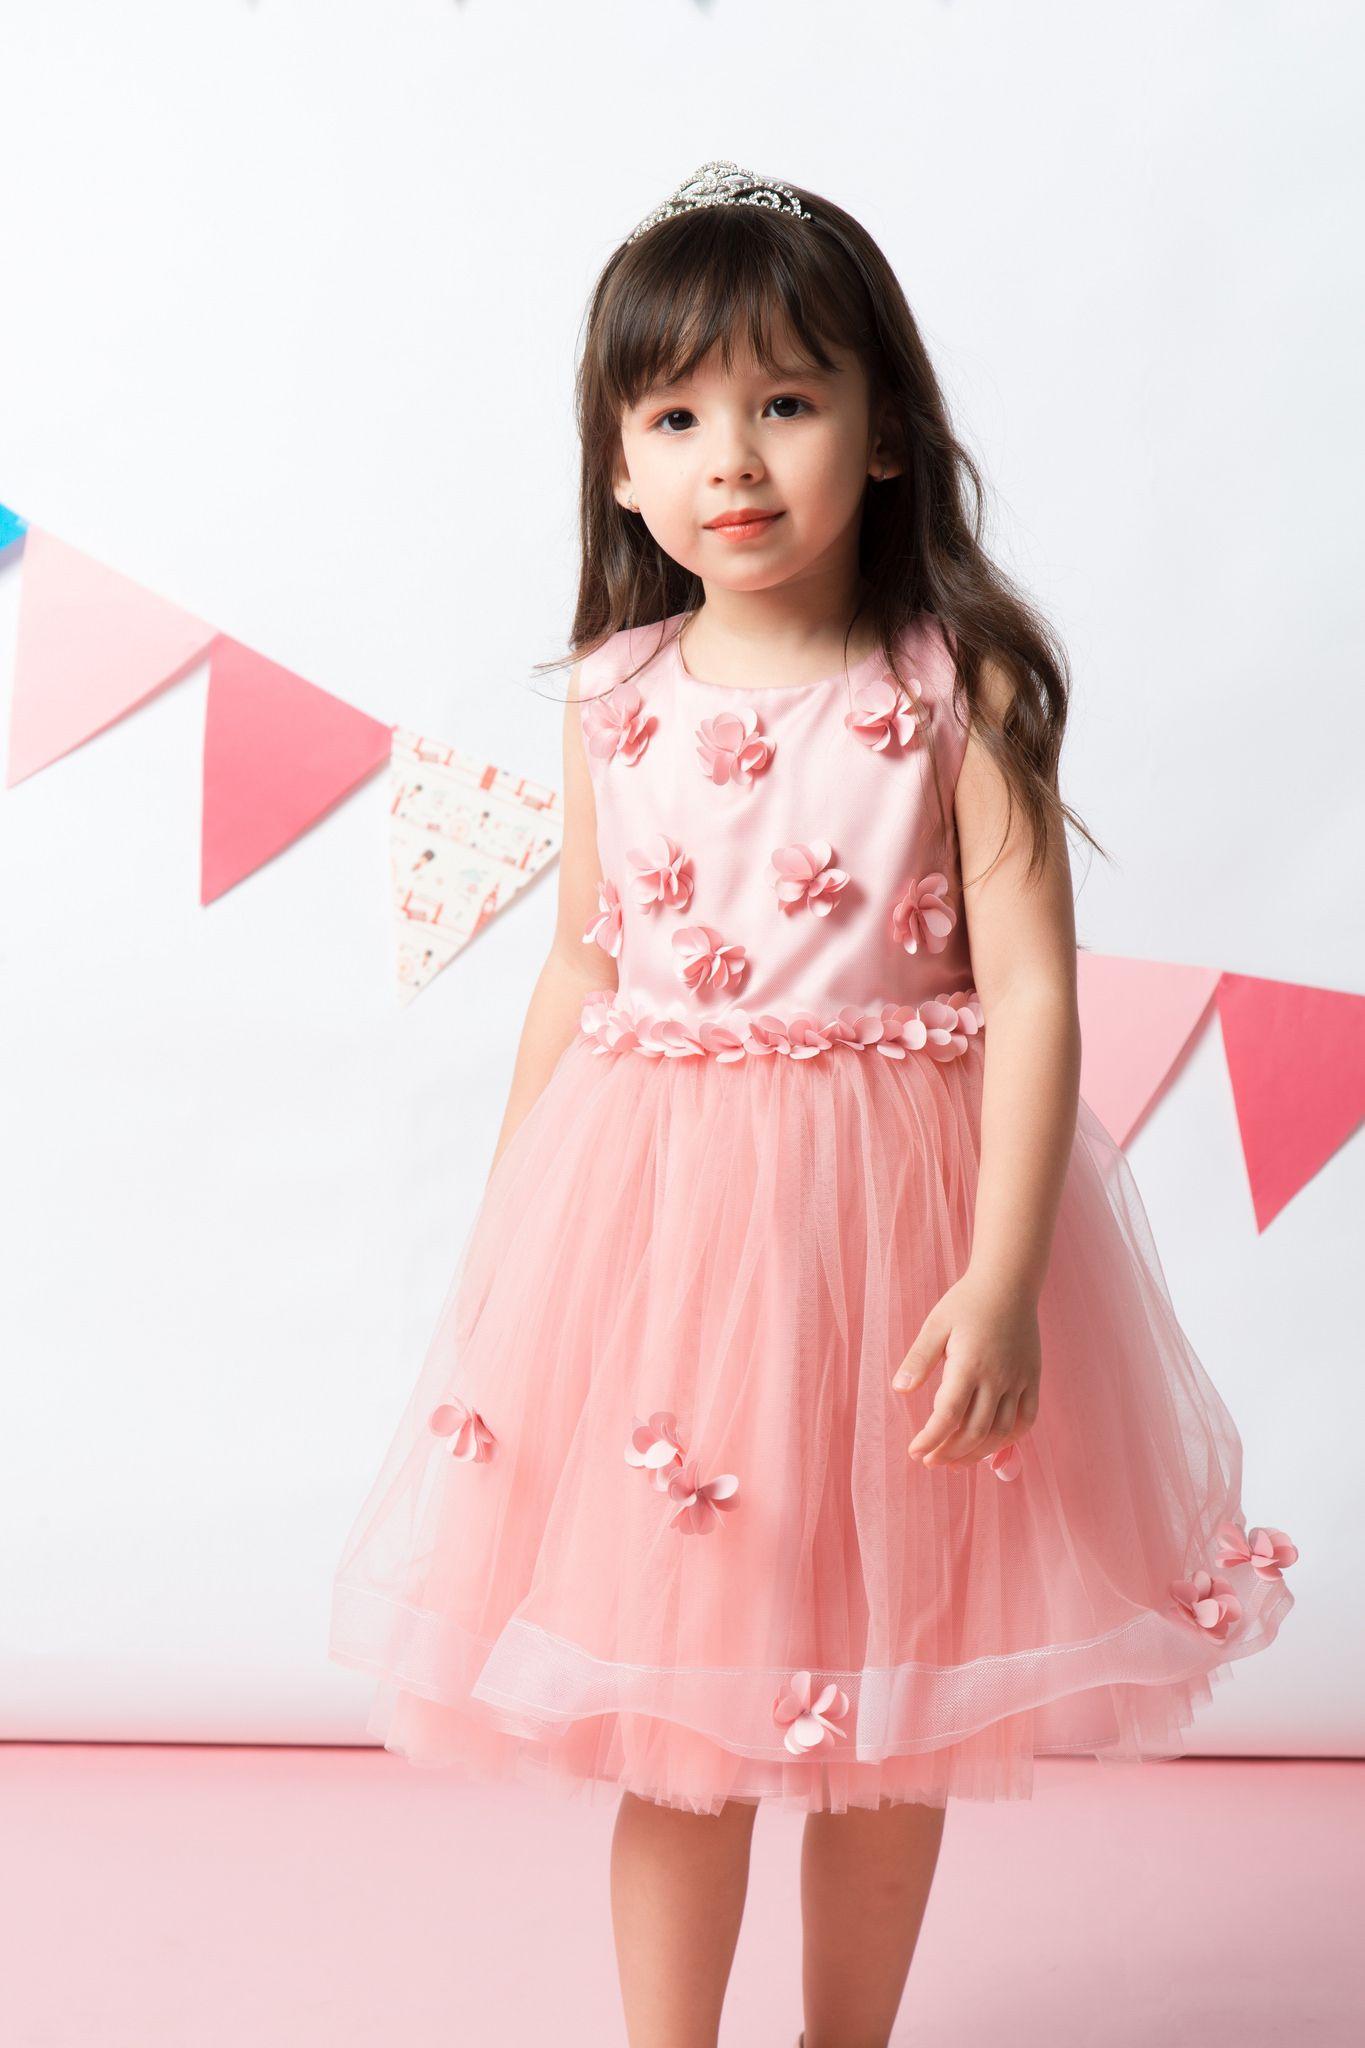 8f868d375a2d TUTUPETTI là thương hiệu thời trang thiết kế đầm cho bé gái. Các sản phẩm